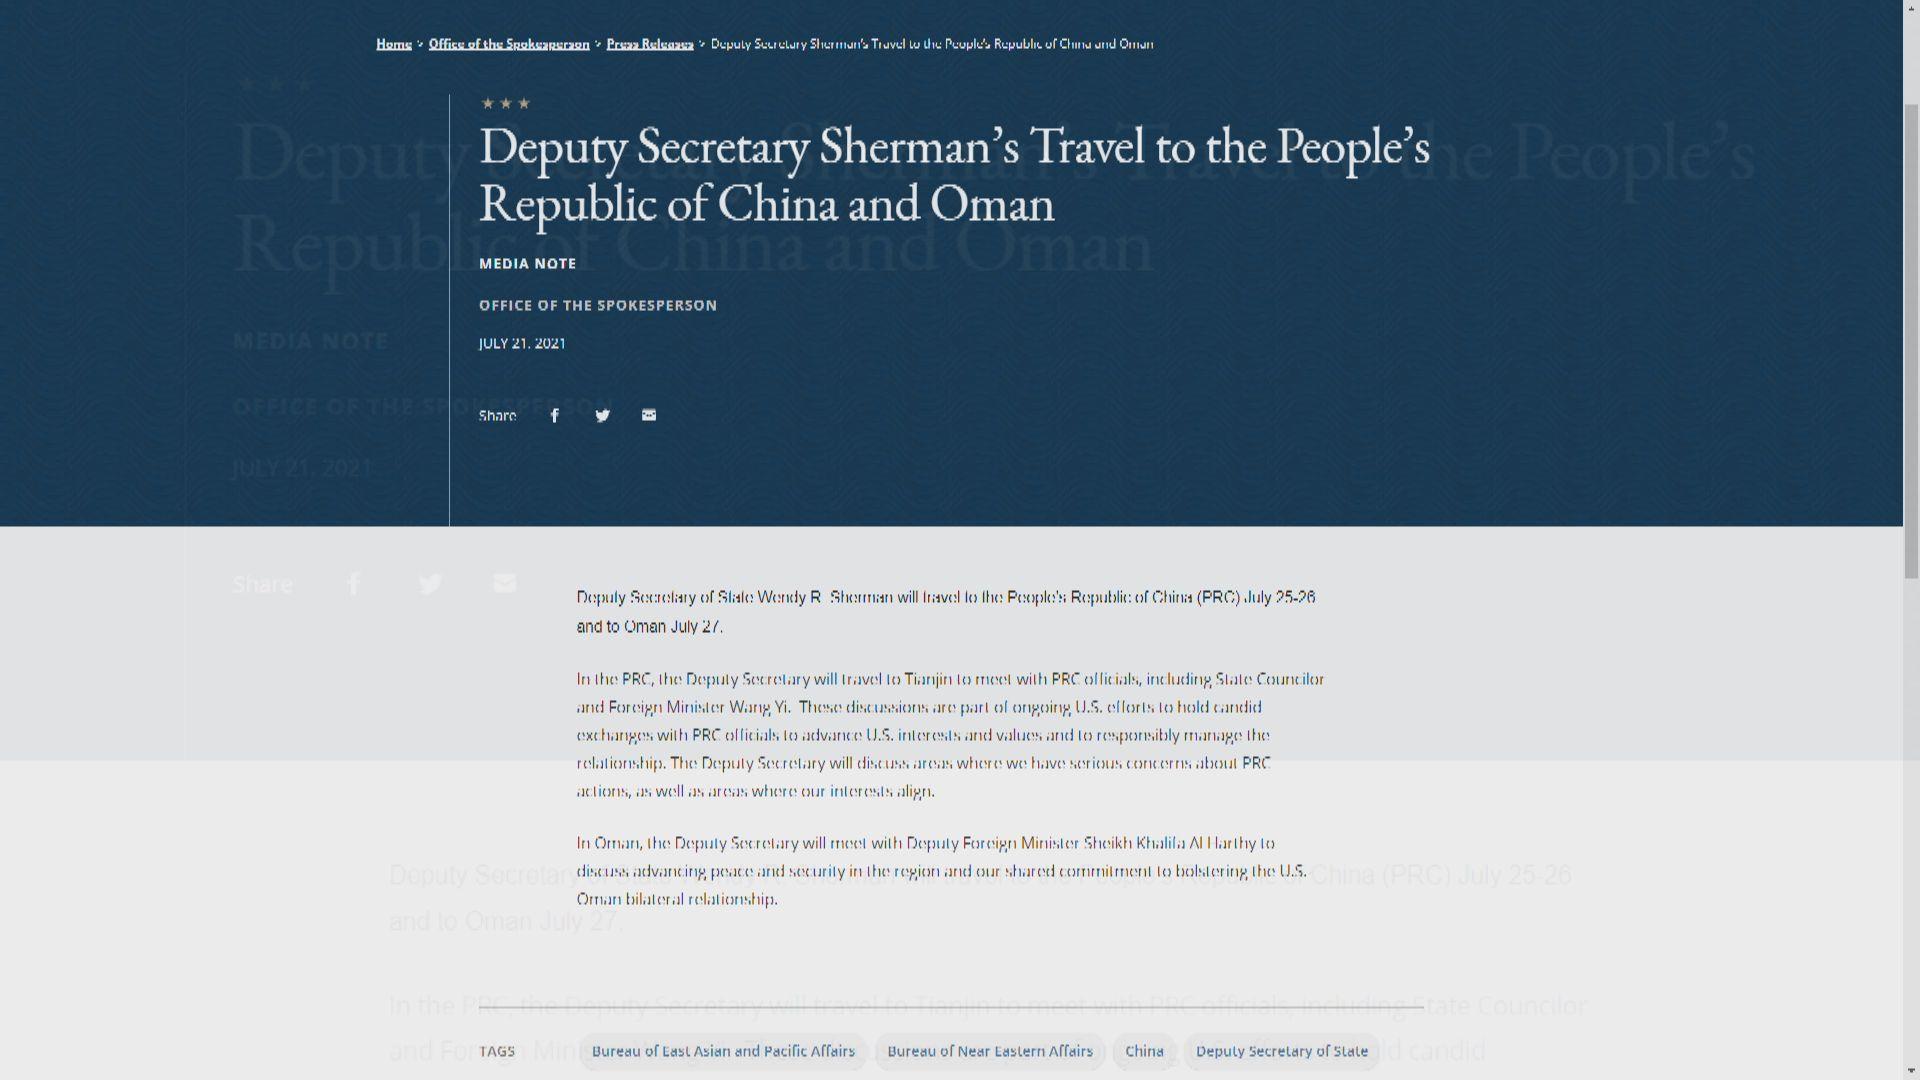 美國副國務卿周日訪華兩天 中方指將表明維護自身主權